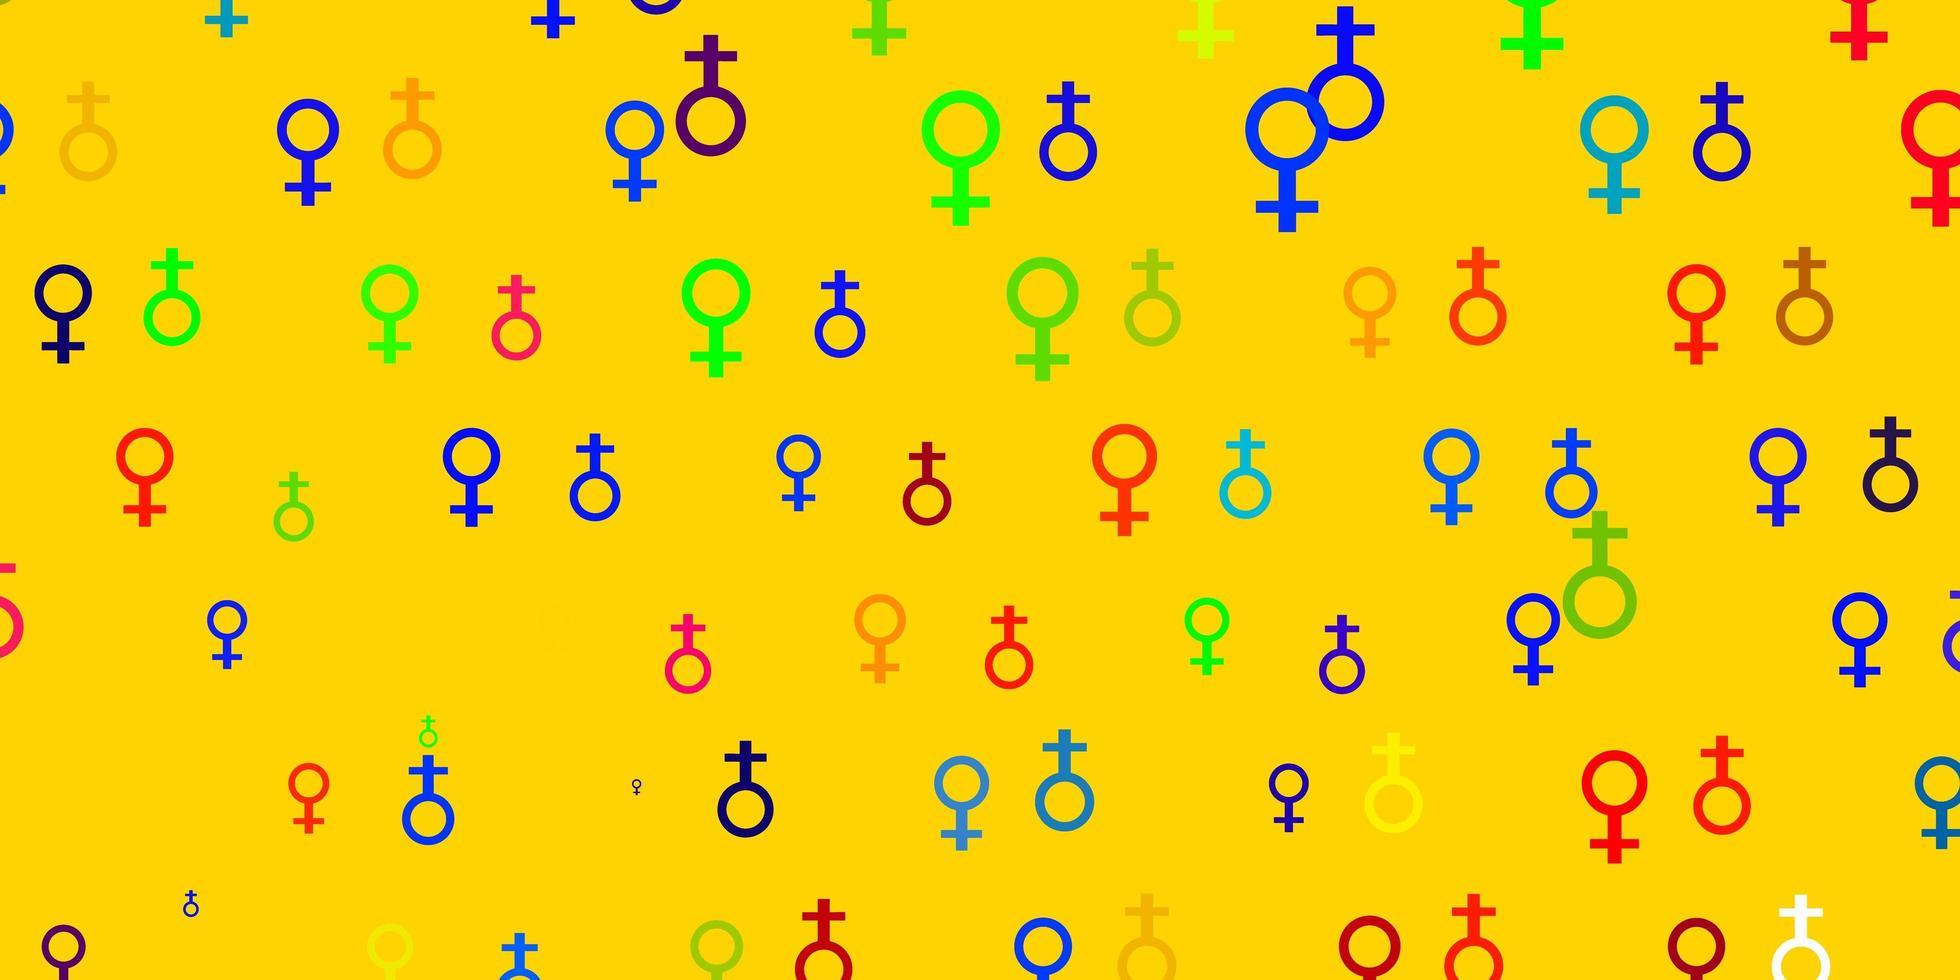 motif multicolore avec des éléments de féminisme. vecteur